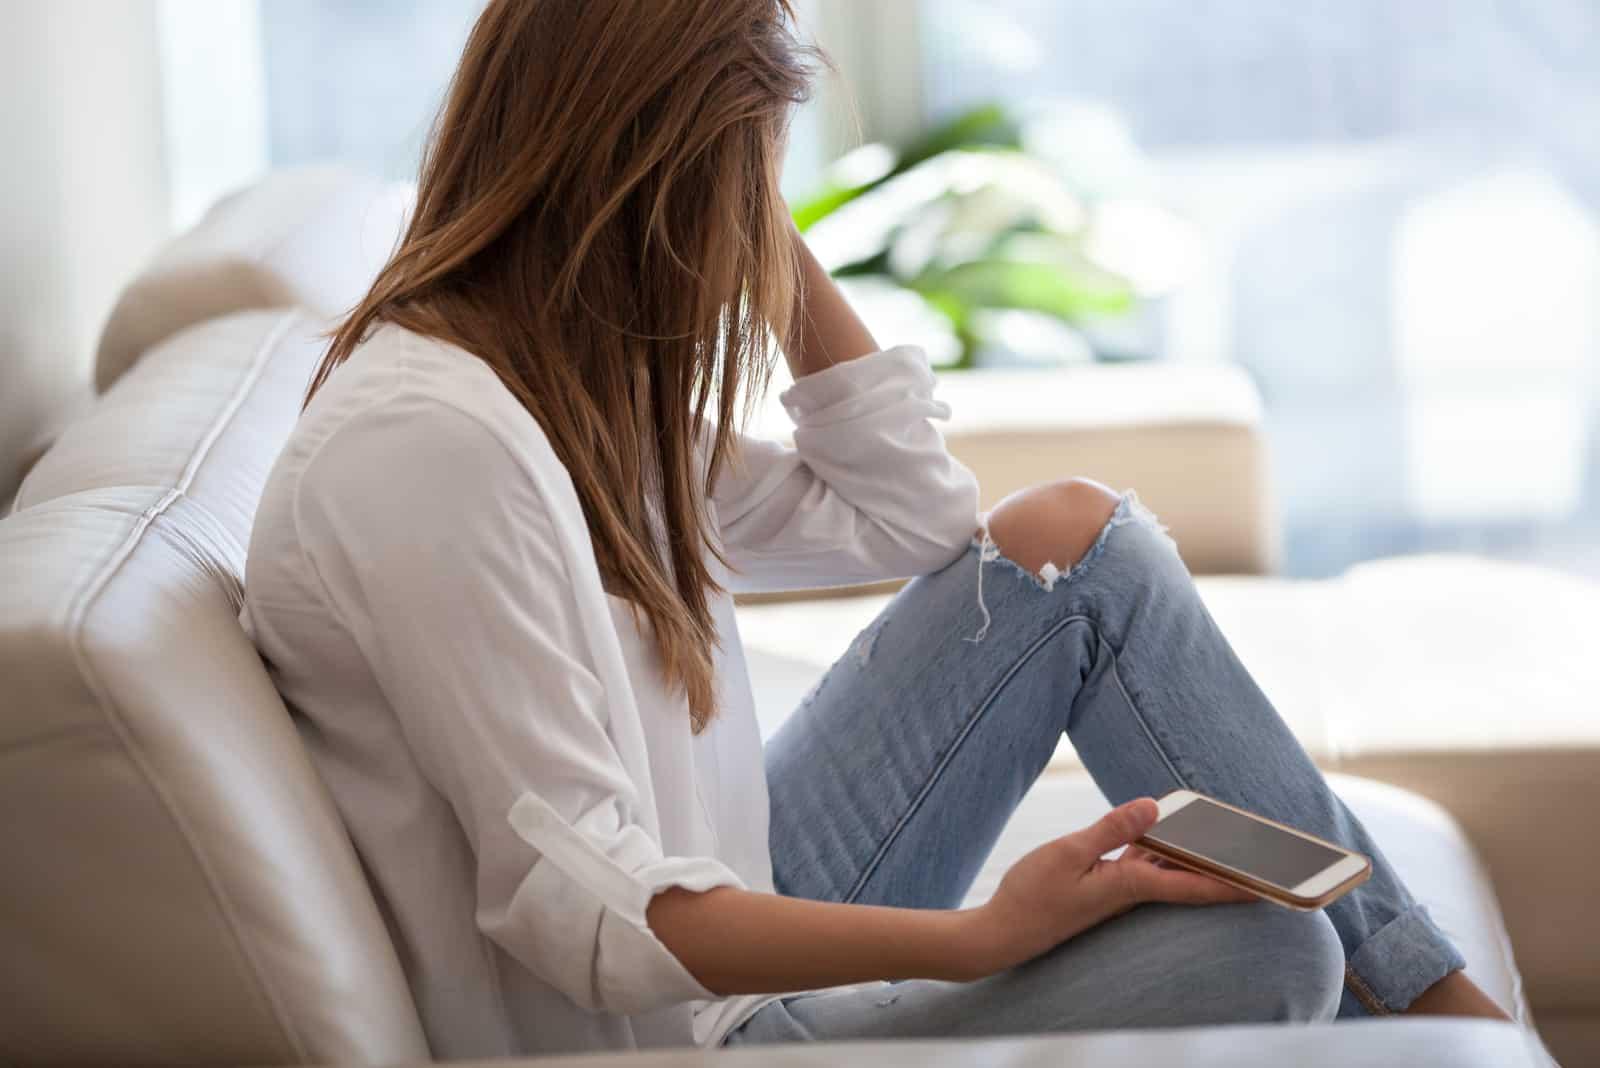 une femme déçue avec un téléphone à la main